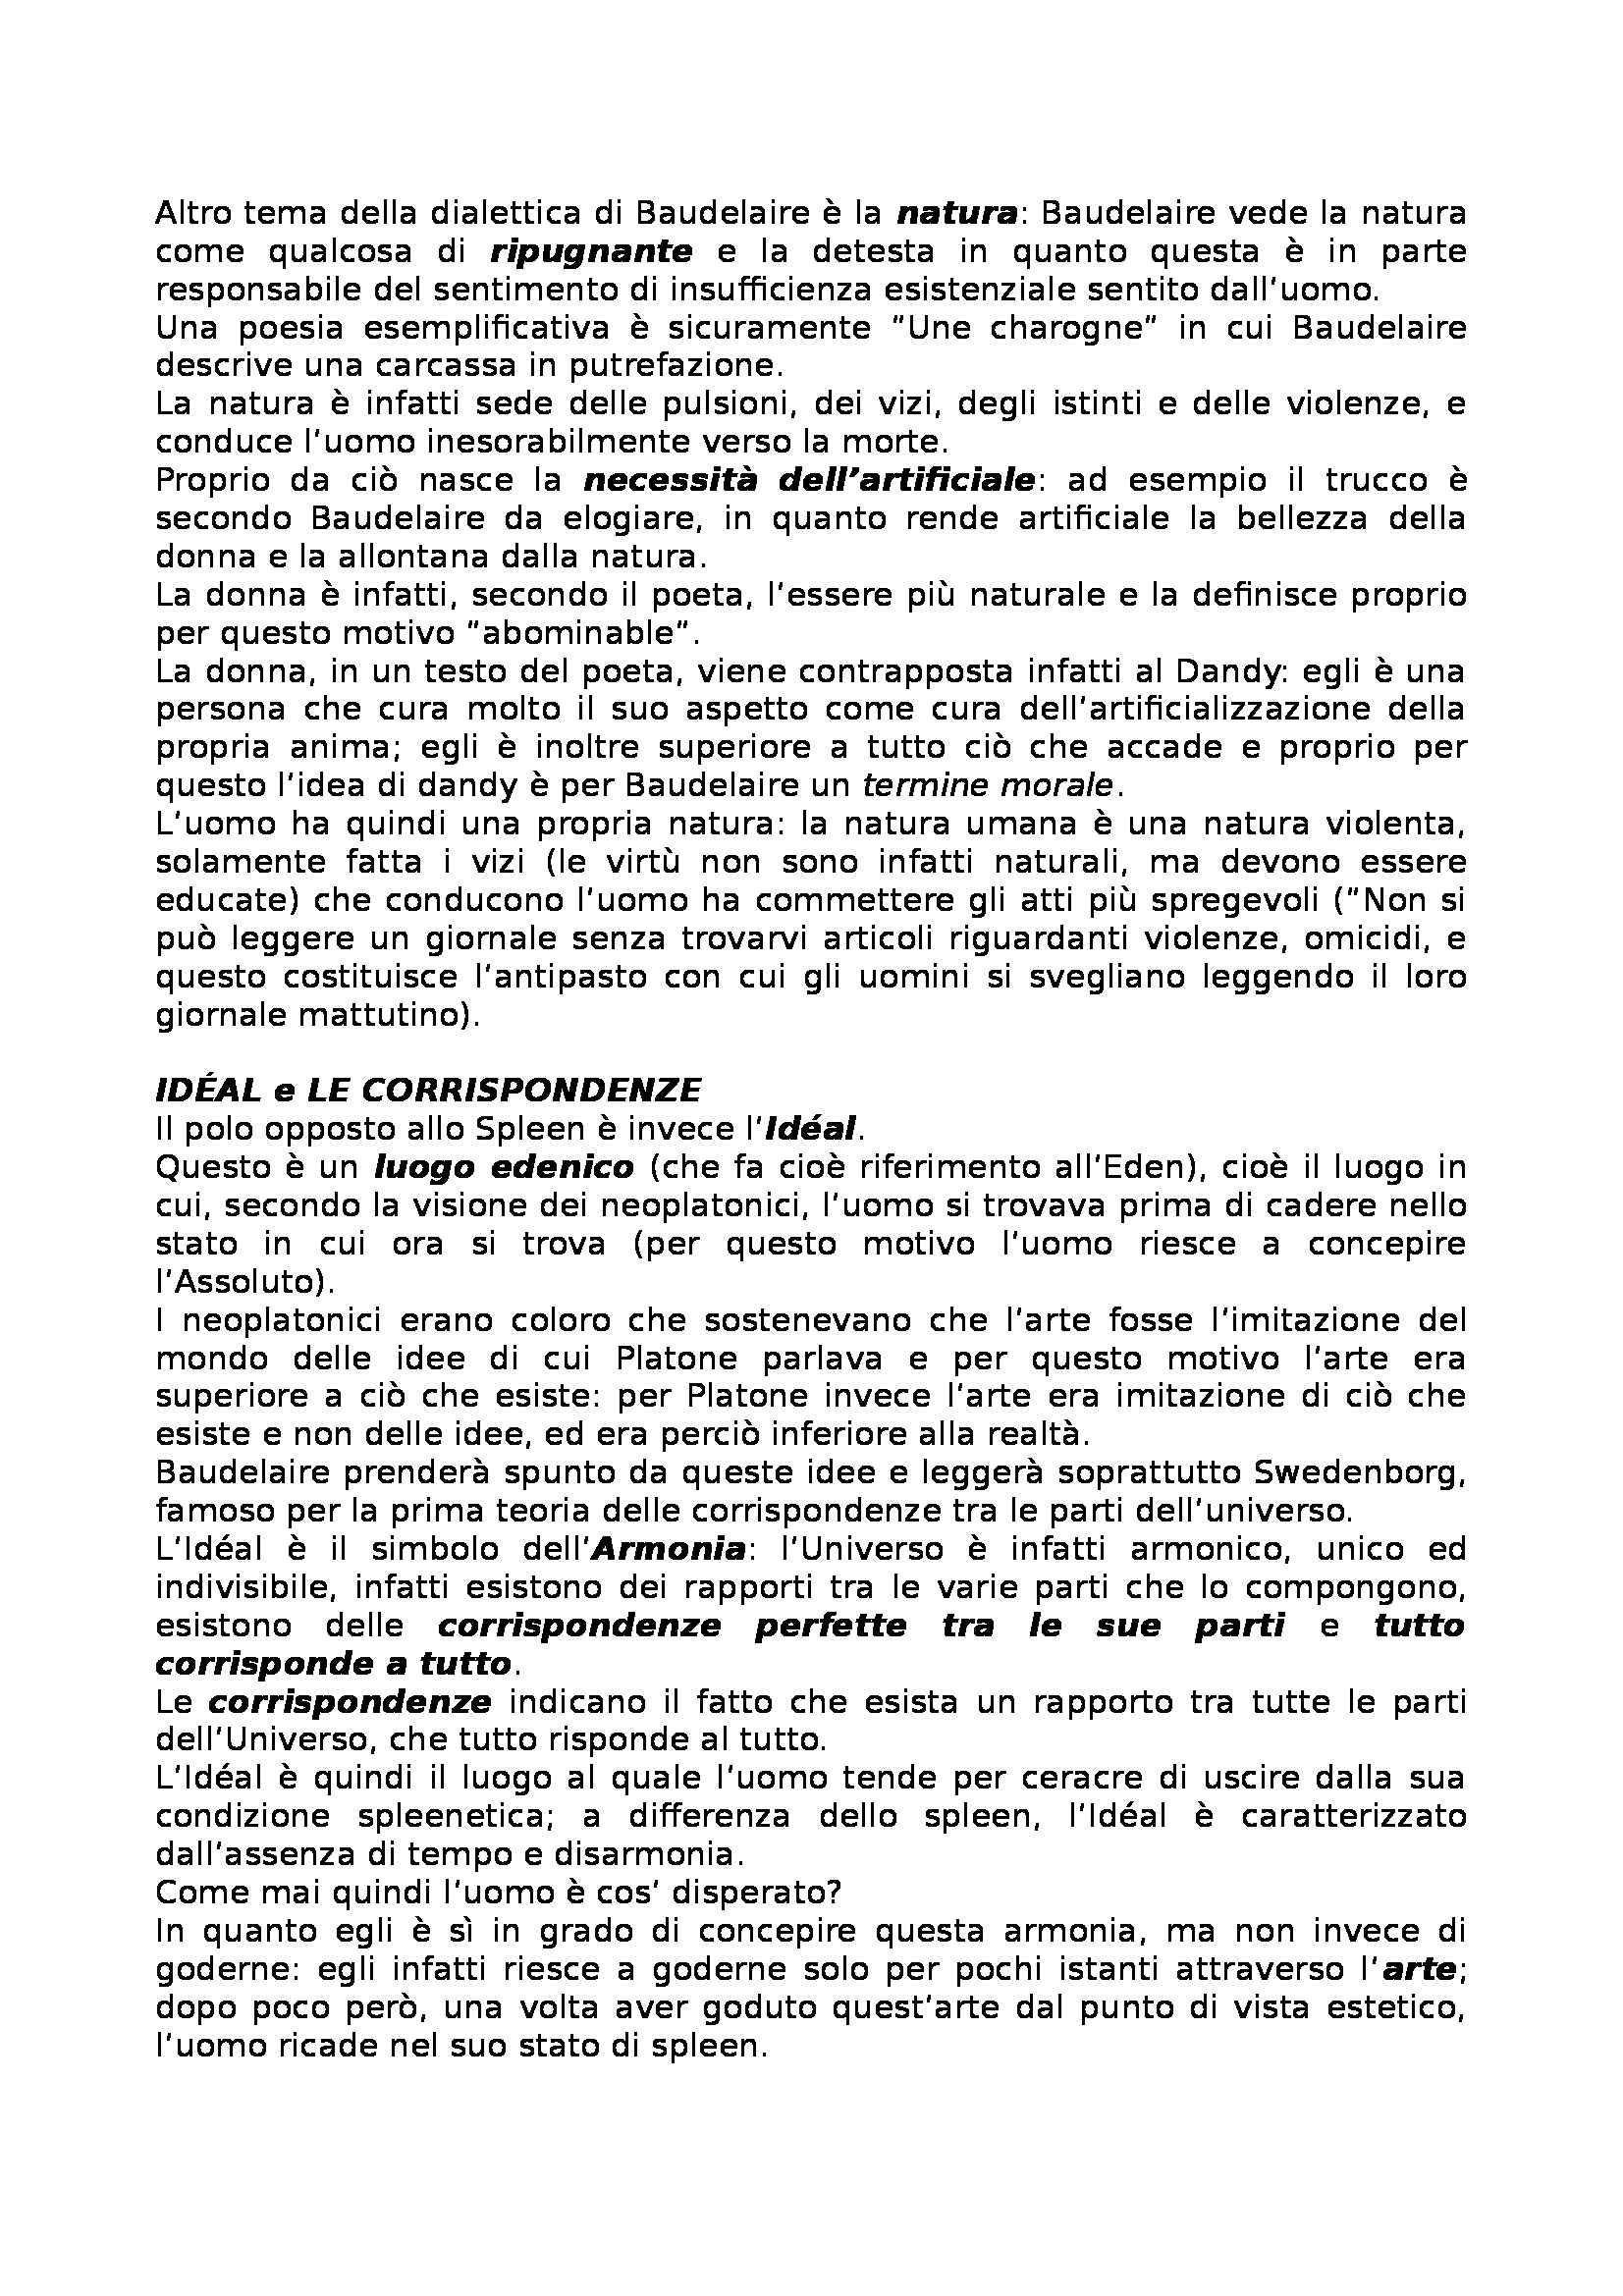 Letteratura francese - Les Fleurs du Mal, Baudelaire Pag. 2